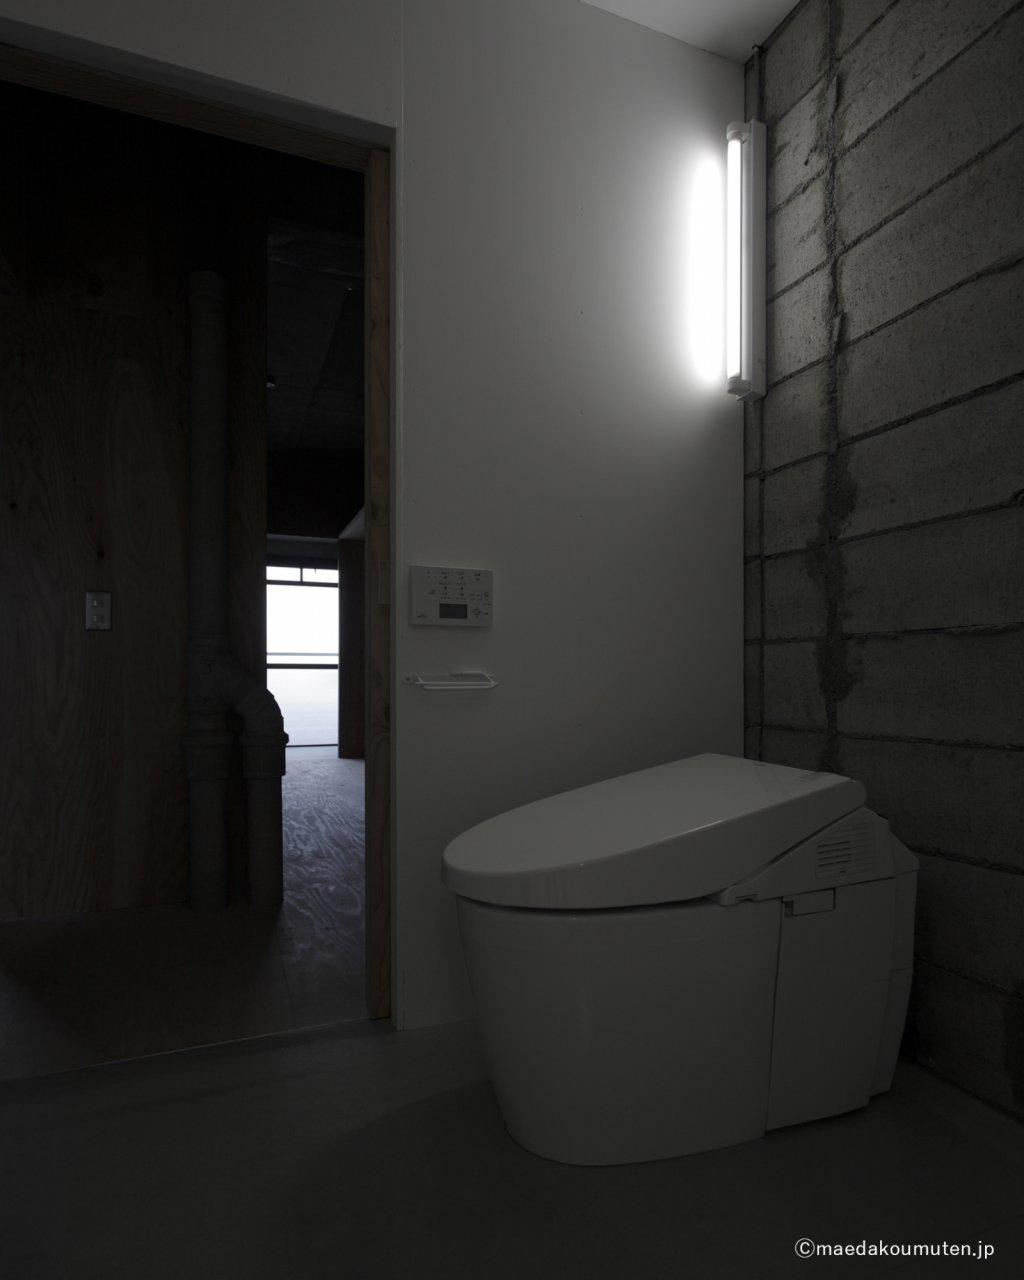 神奈川、注文住宅、前田工務店、一枚の壁、21